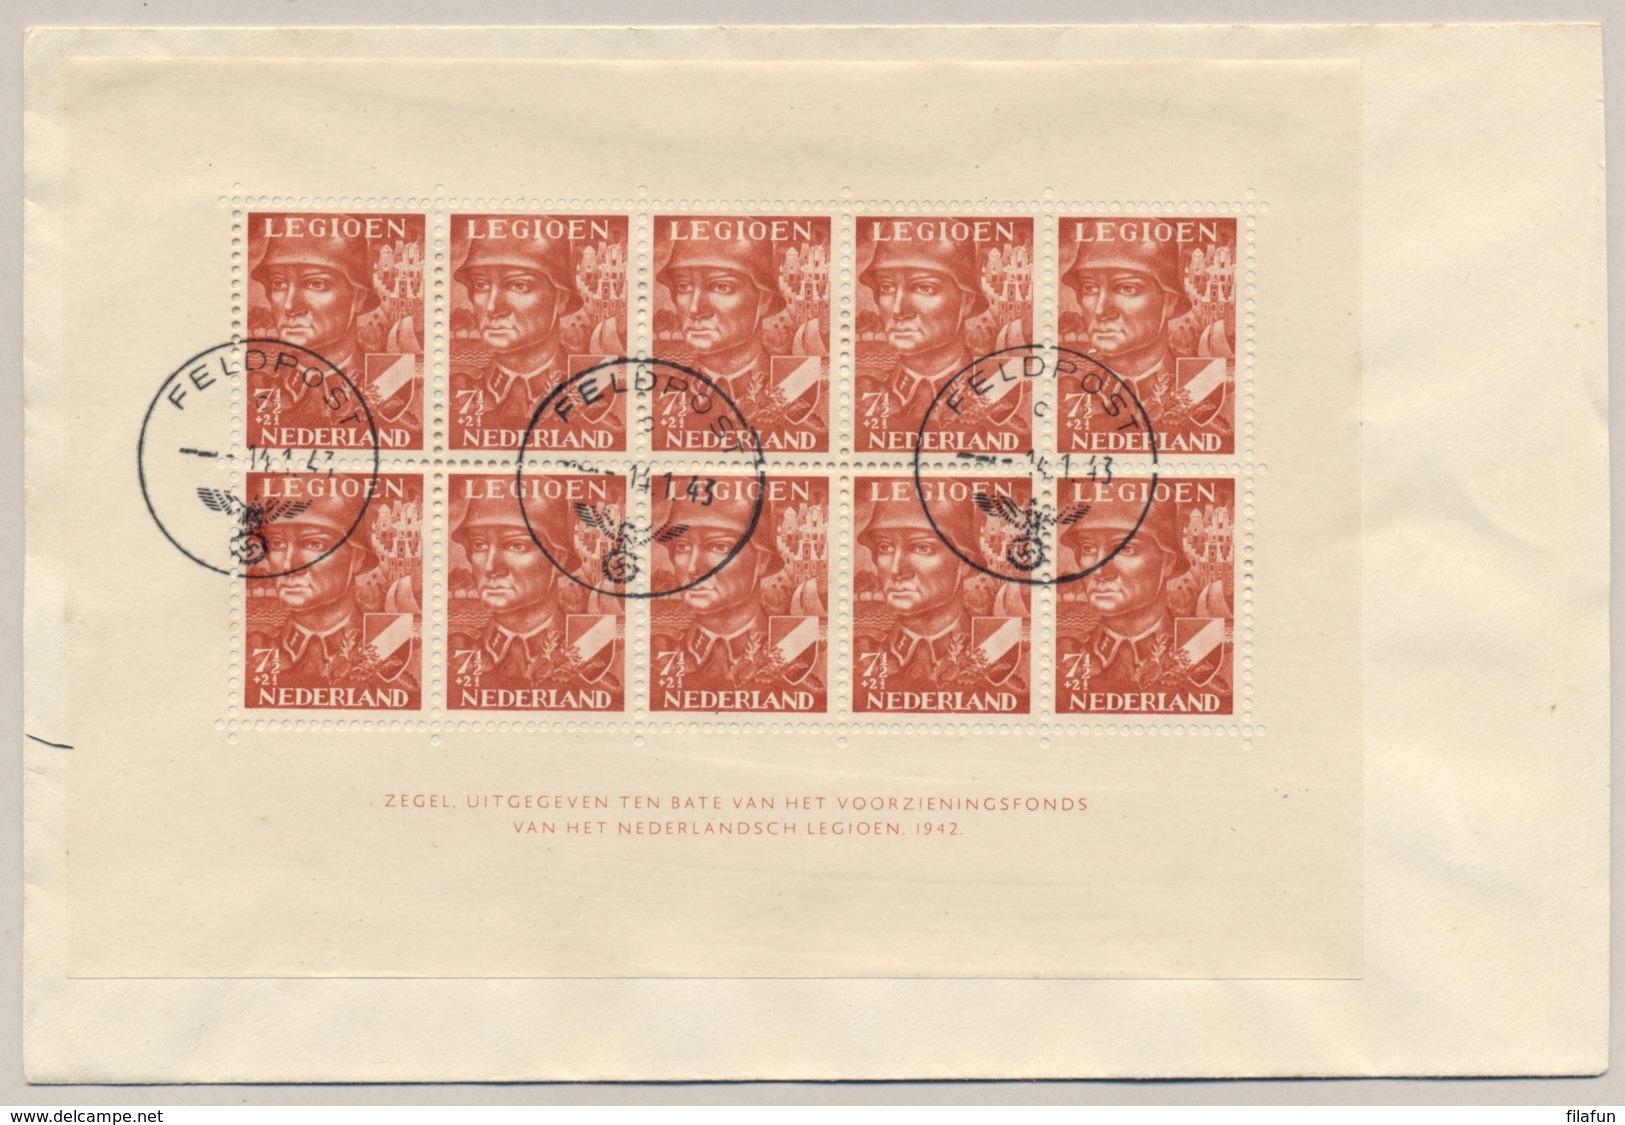 Nederland - 1943 - 10x 7,5 Cent Legioenblok Op R-cover Met Feldpost Stempel Naar Angersdorf / Deutschland - Periode 1891-1948 (Wilhelmina)